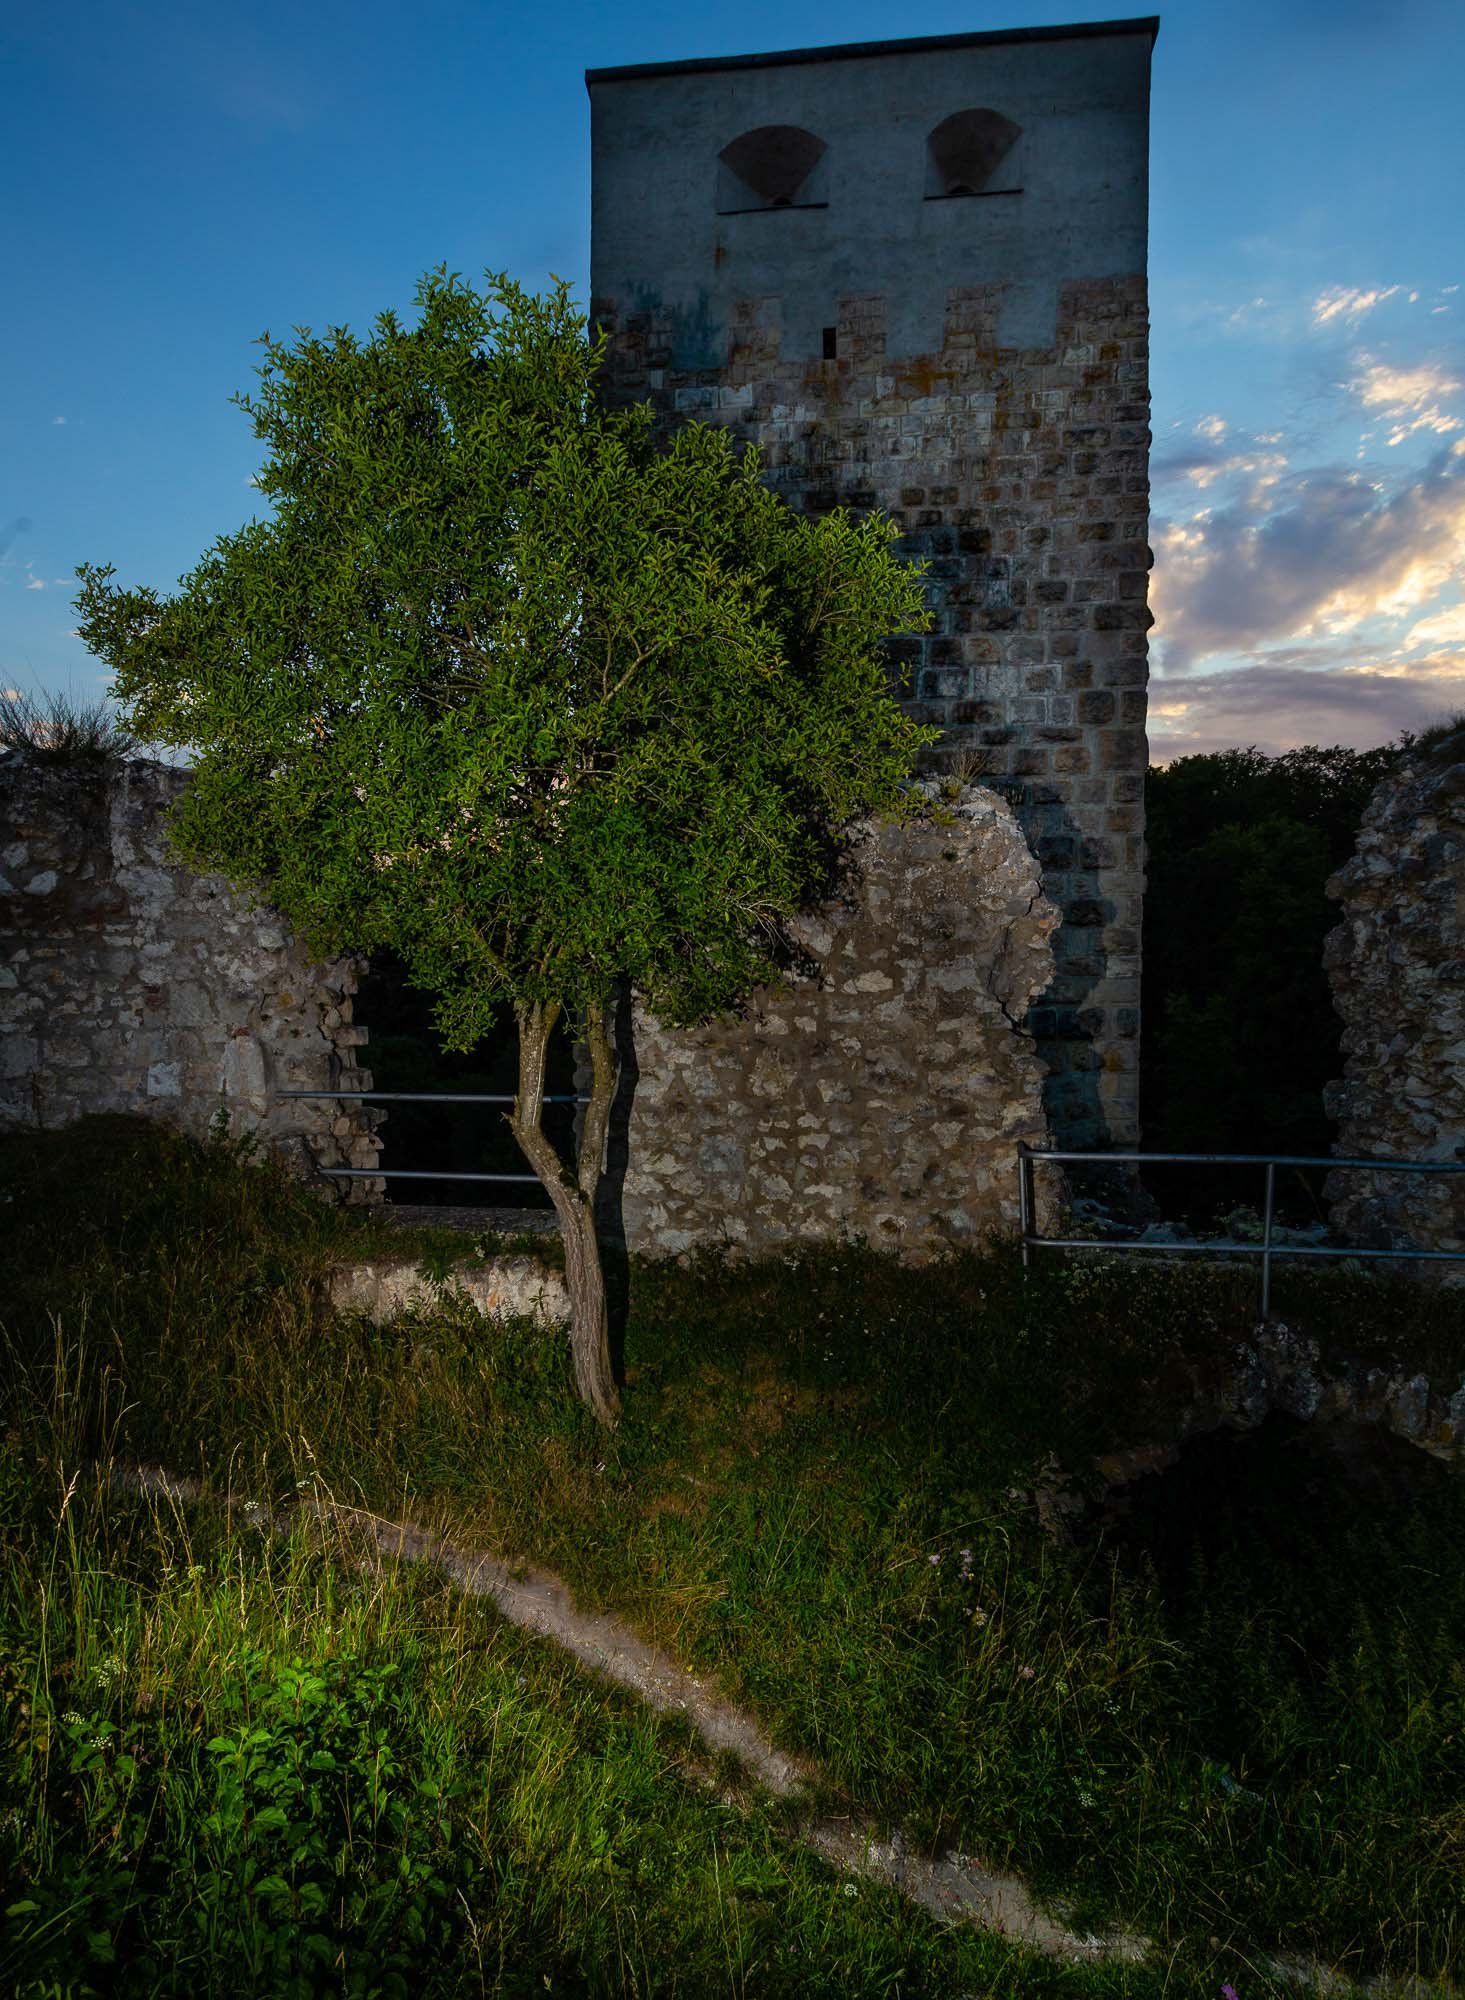 Cthulhusnet / Wellheim Castle